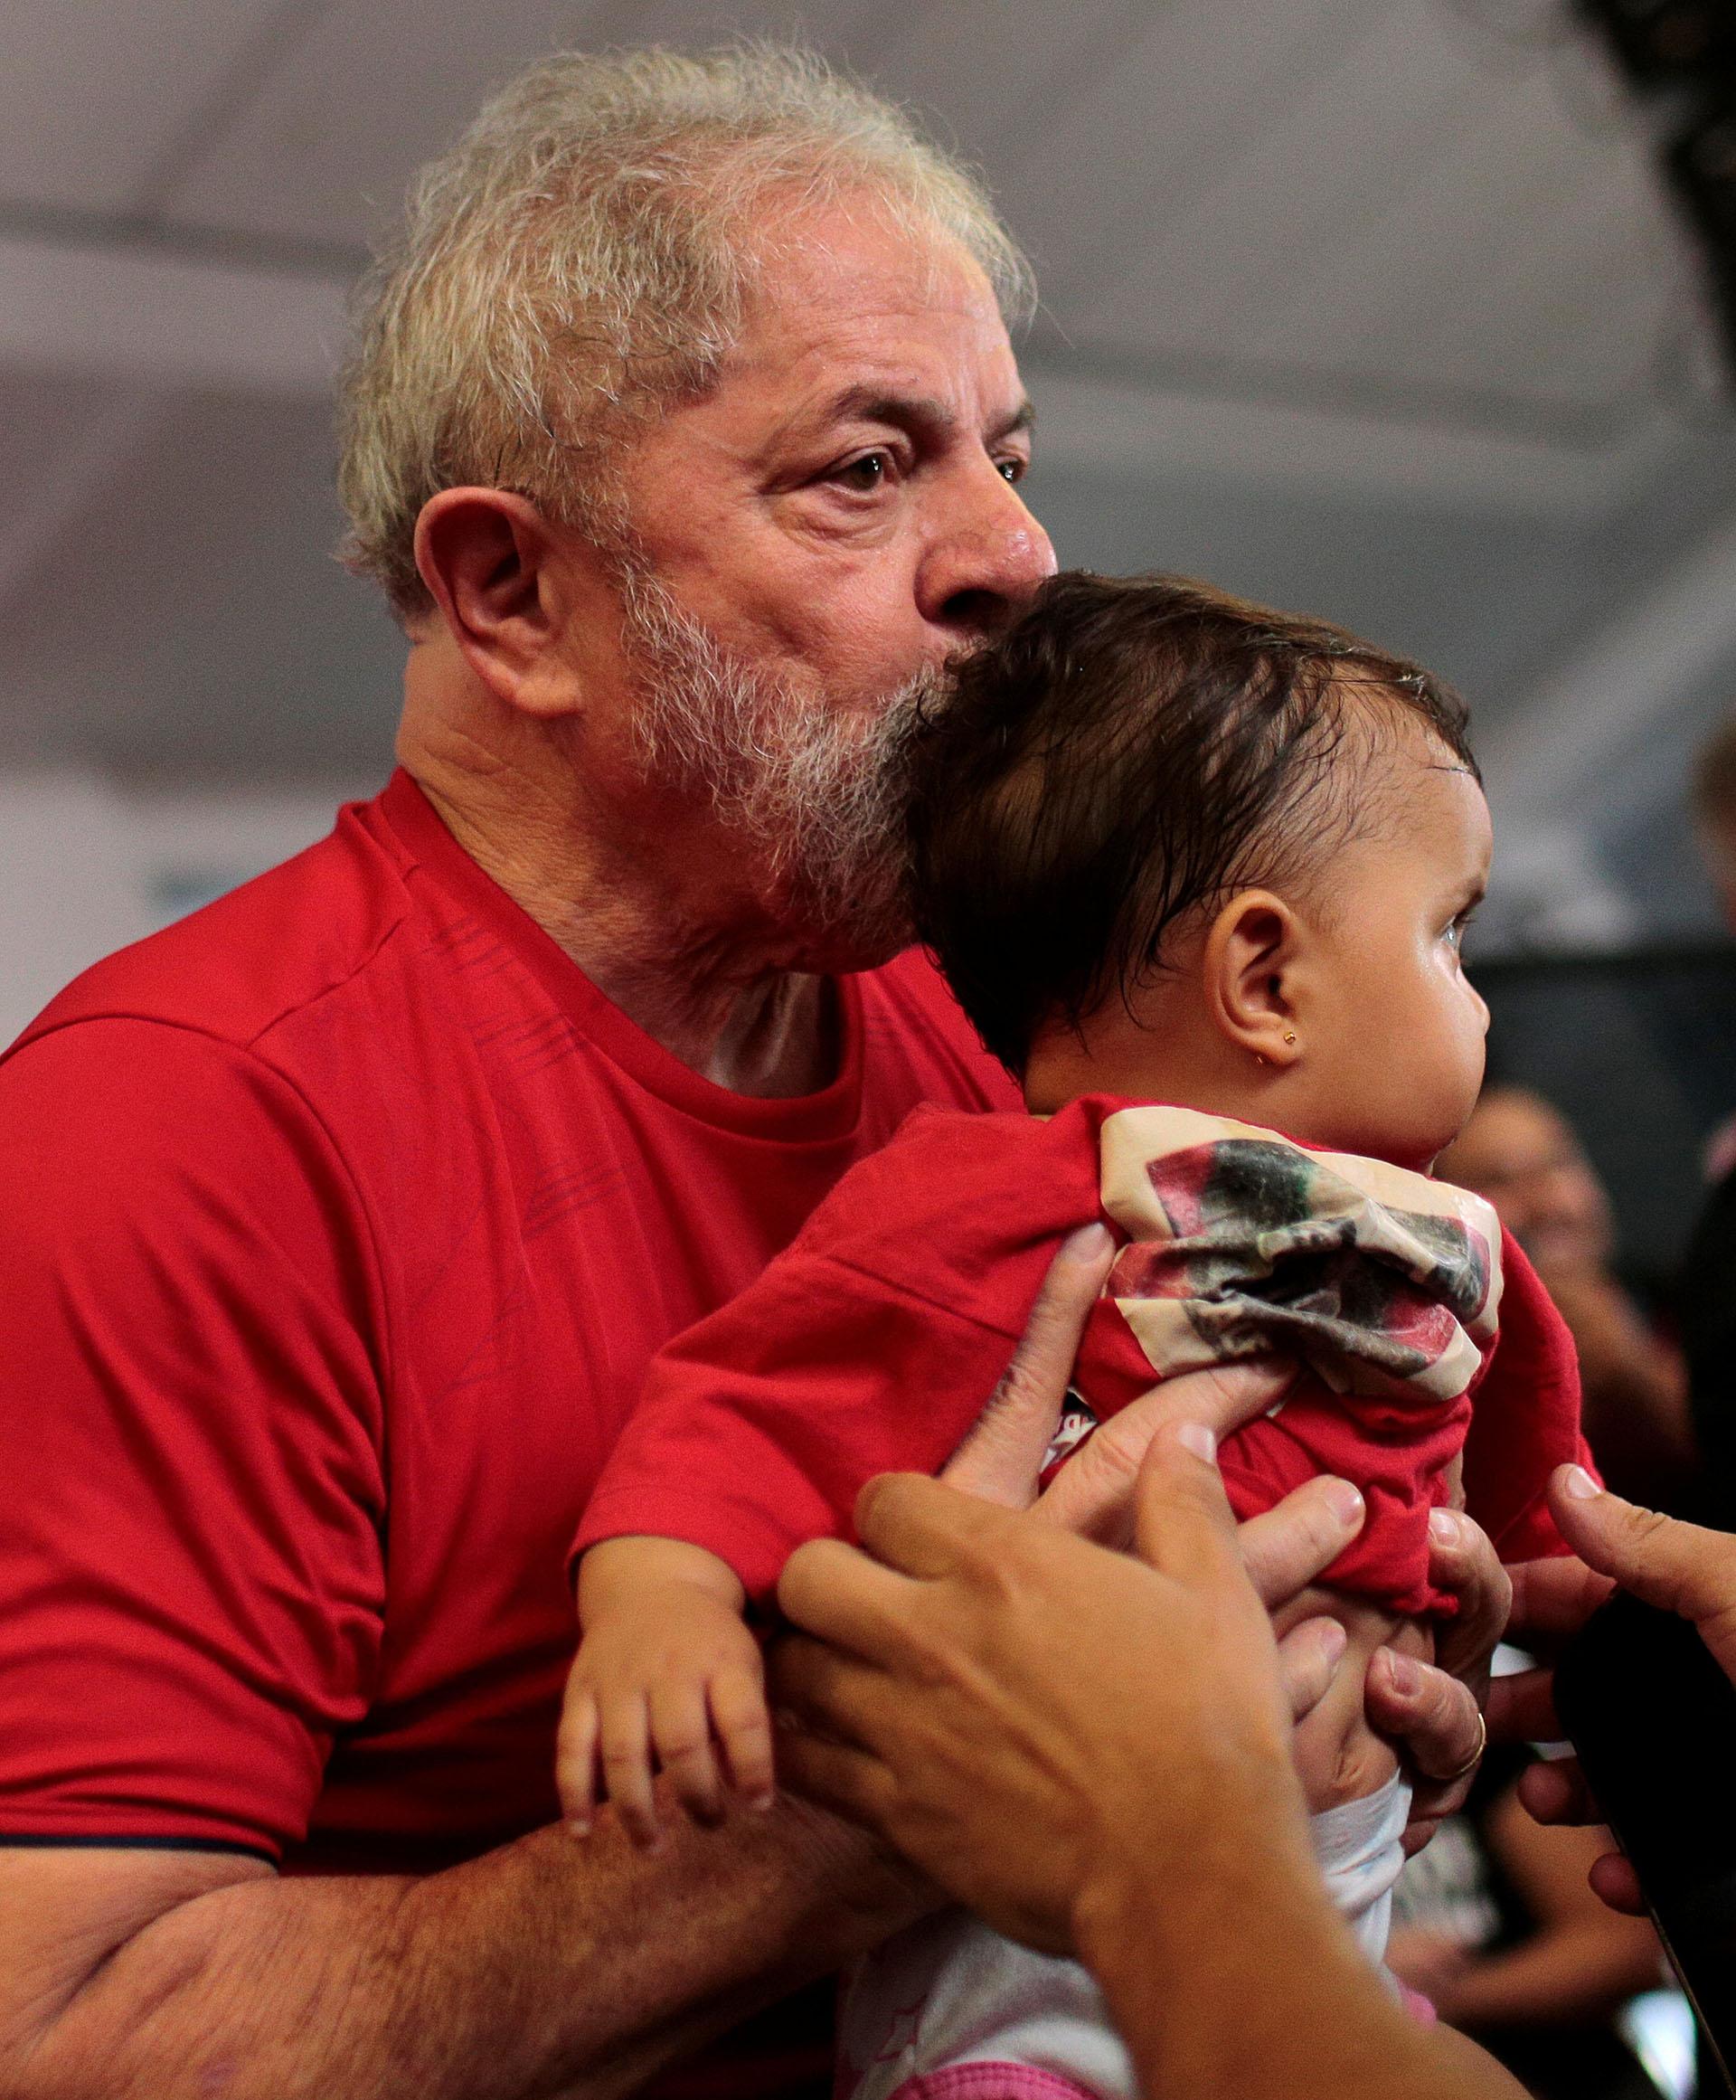 El ex presidente besa a un niño a su llegada al sindicato metalúrgico, lugar desde donde sigue el juicio (Reuters)